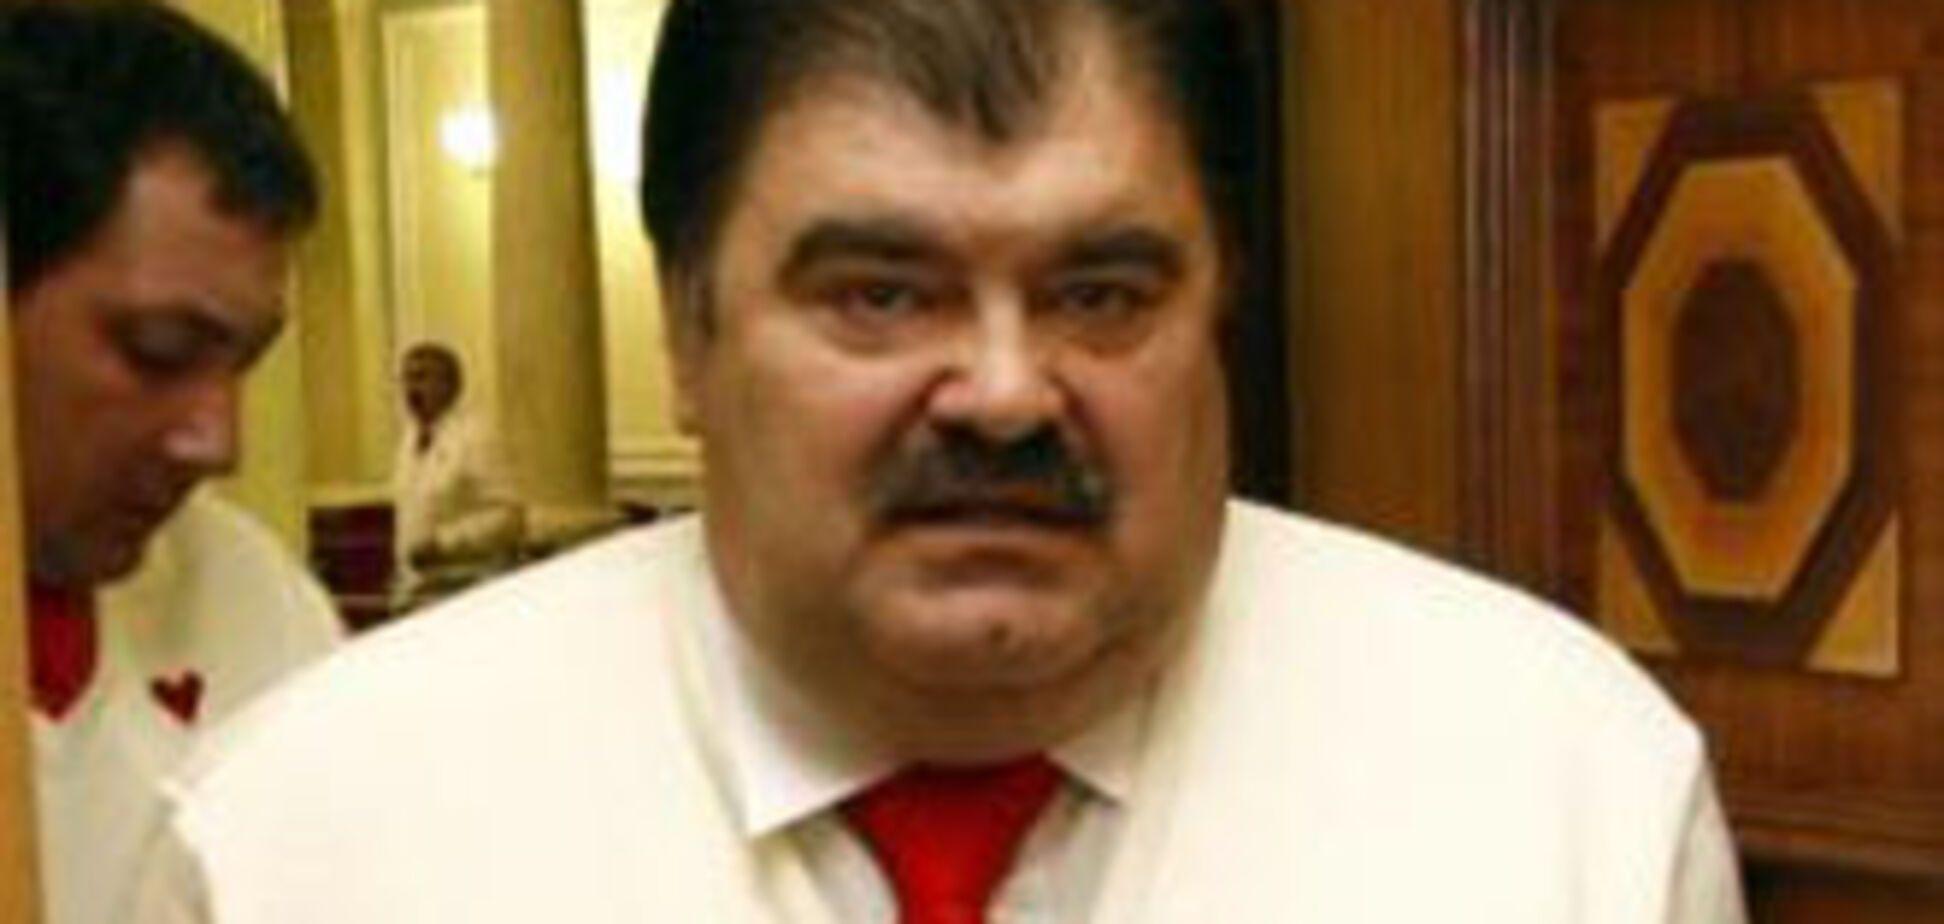 БЮТівець запустив документами в депутата від НУ-НС